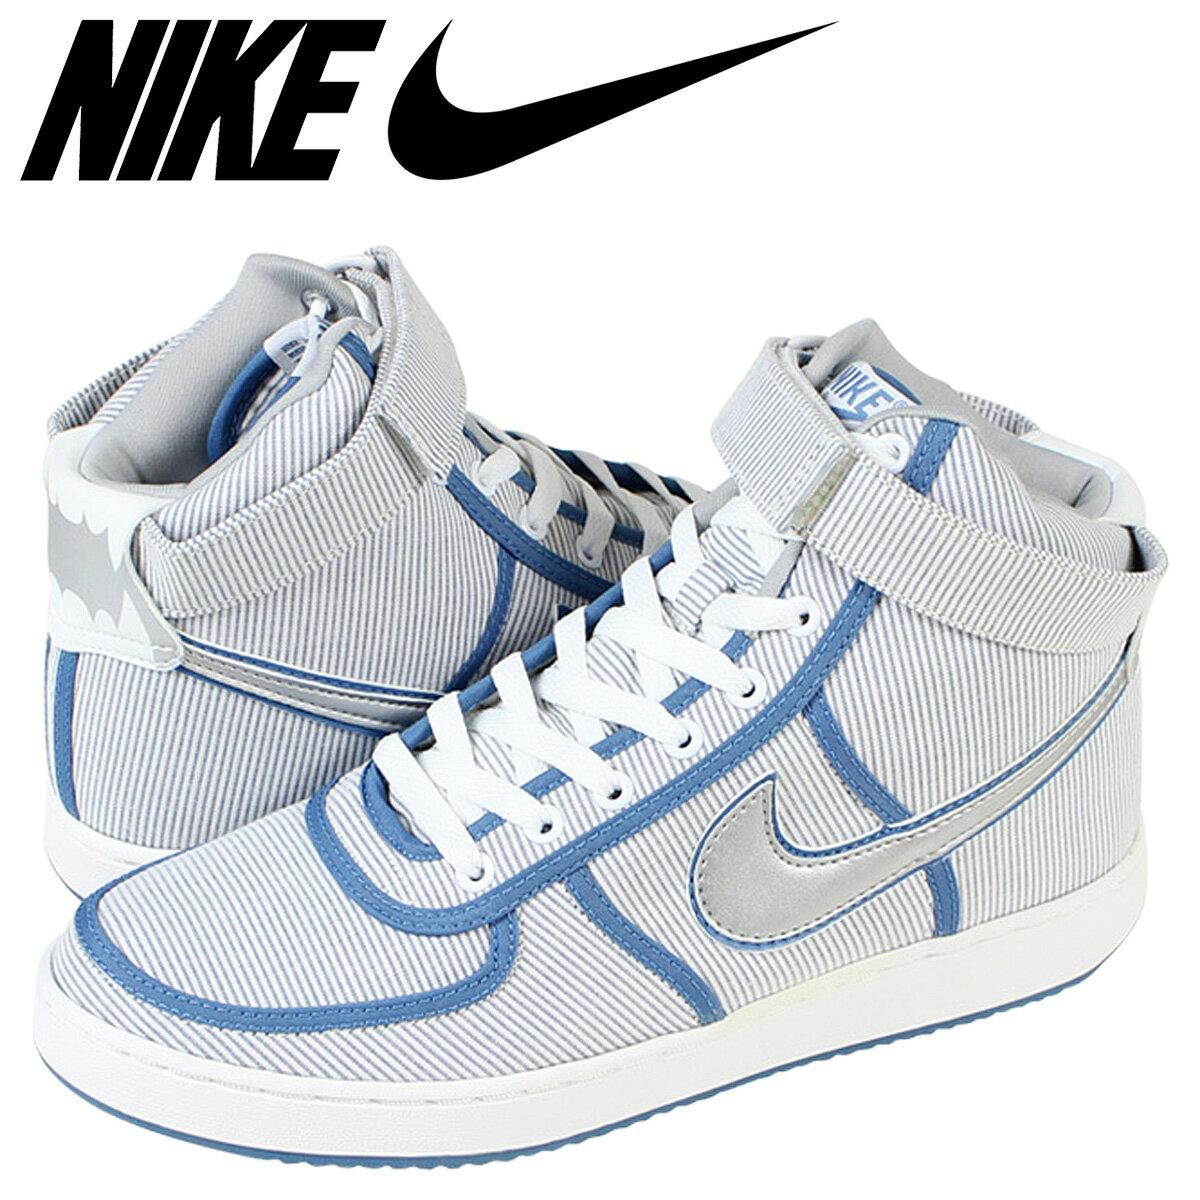 メンズ靴, スニーカー NIKE VANDAL 307389-101 zzi